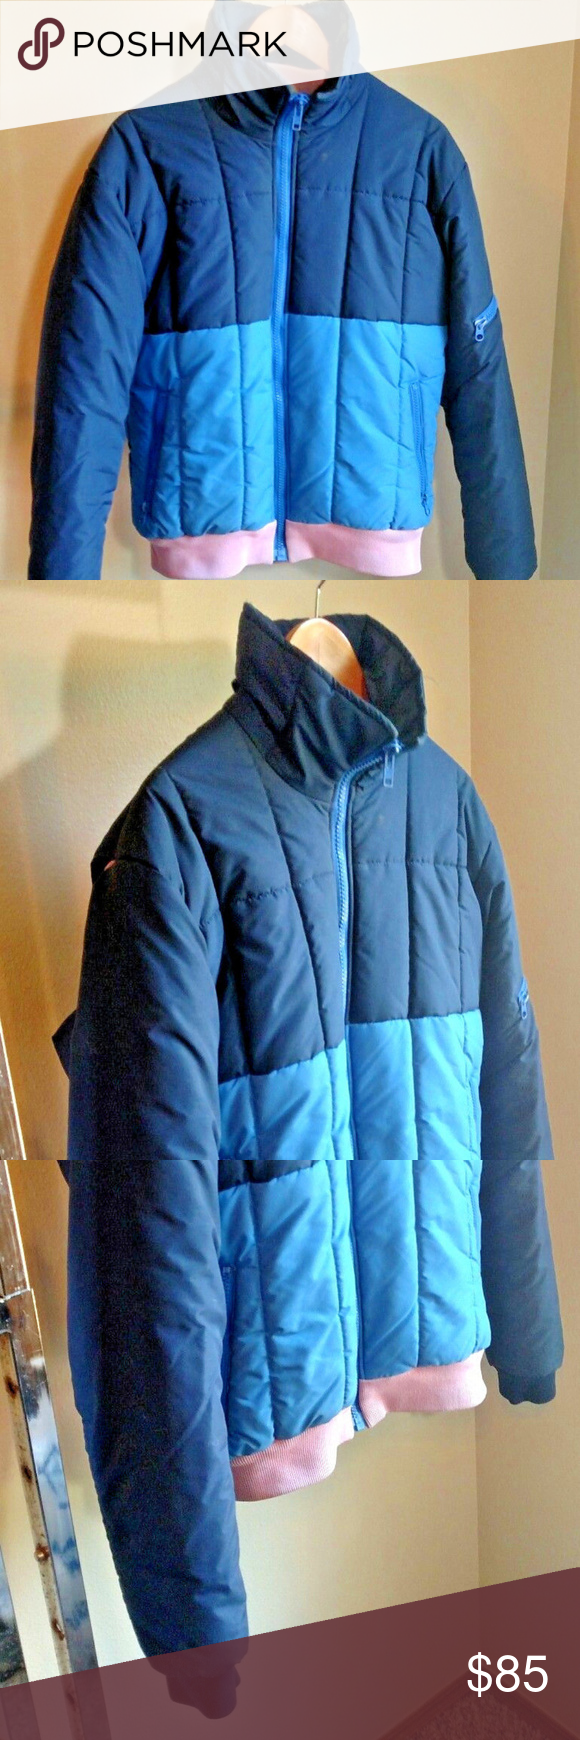 Vtg s ski snow full zip coat rocky mtn thread light blue color